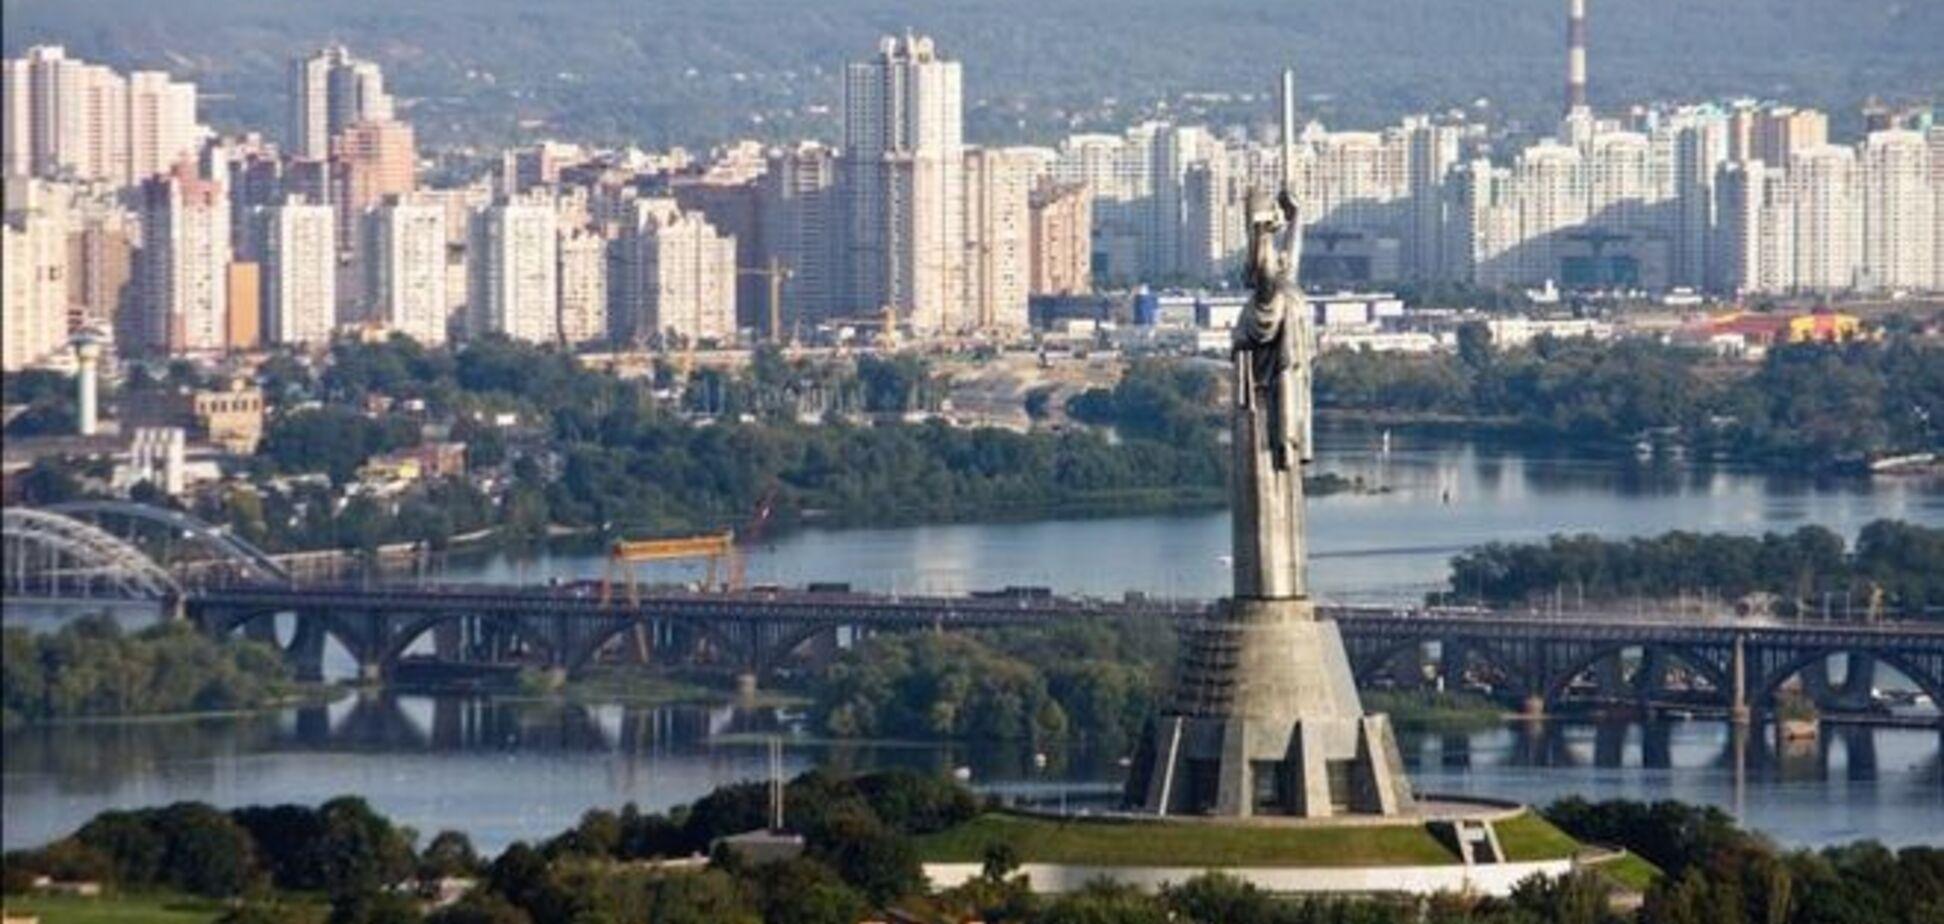 Декоммунизация в Киеве: опубликован список улиц для переименования